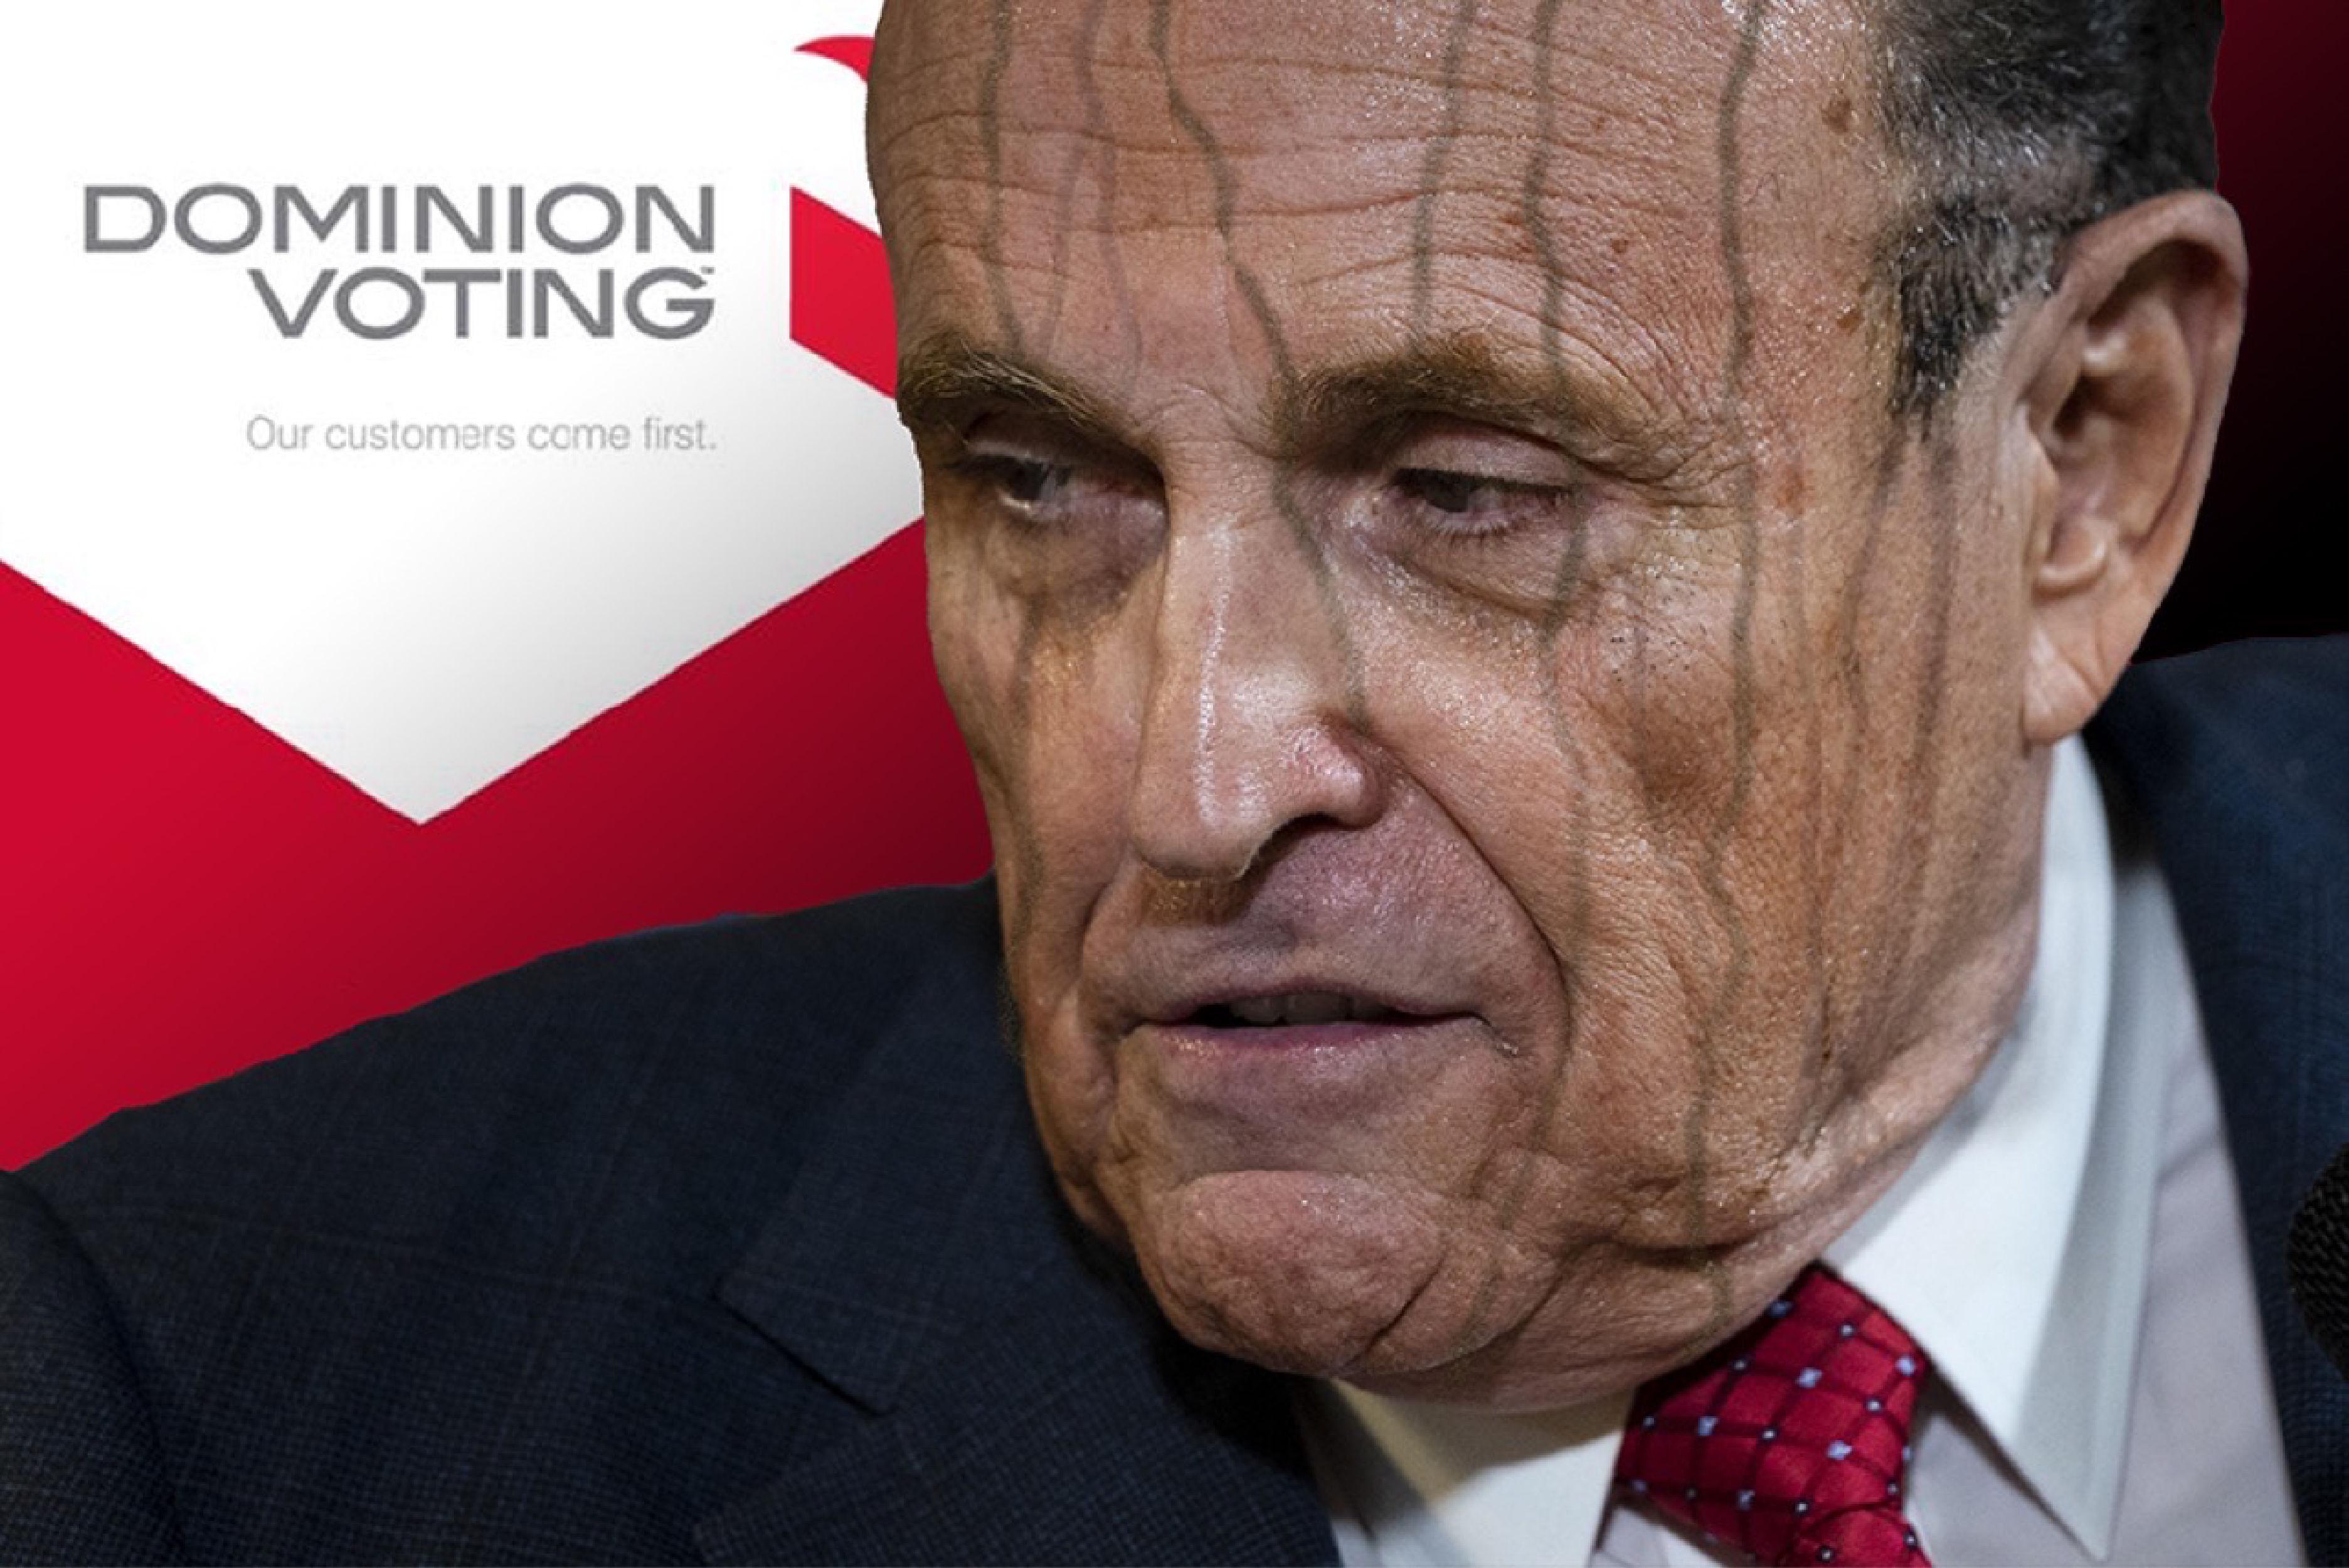 Leakin' Rudy!